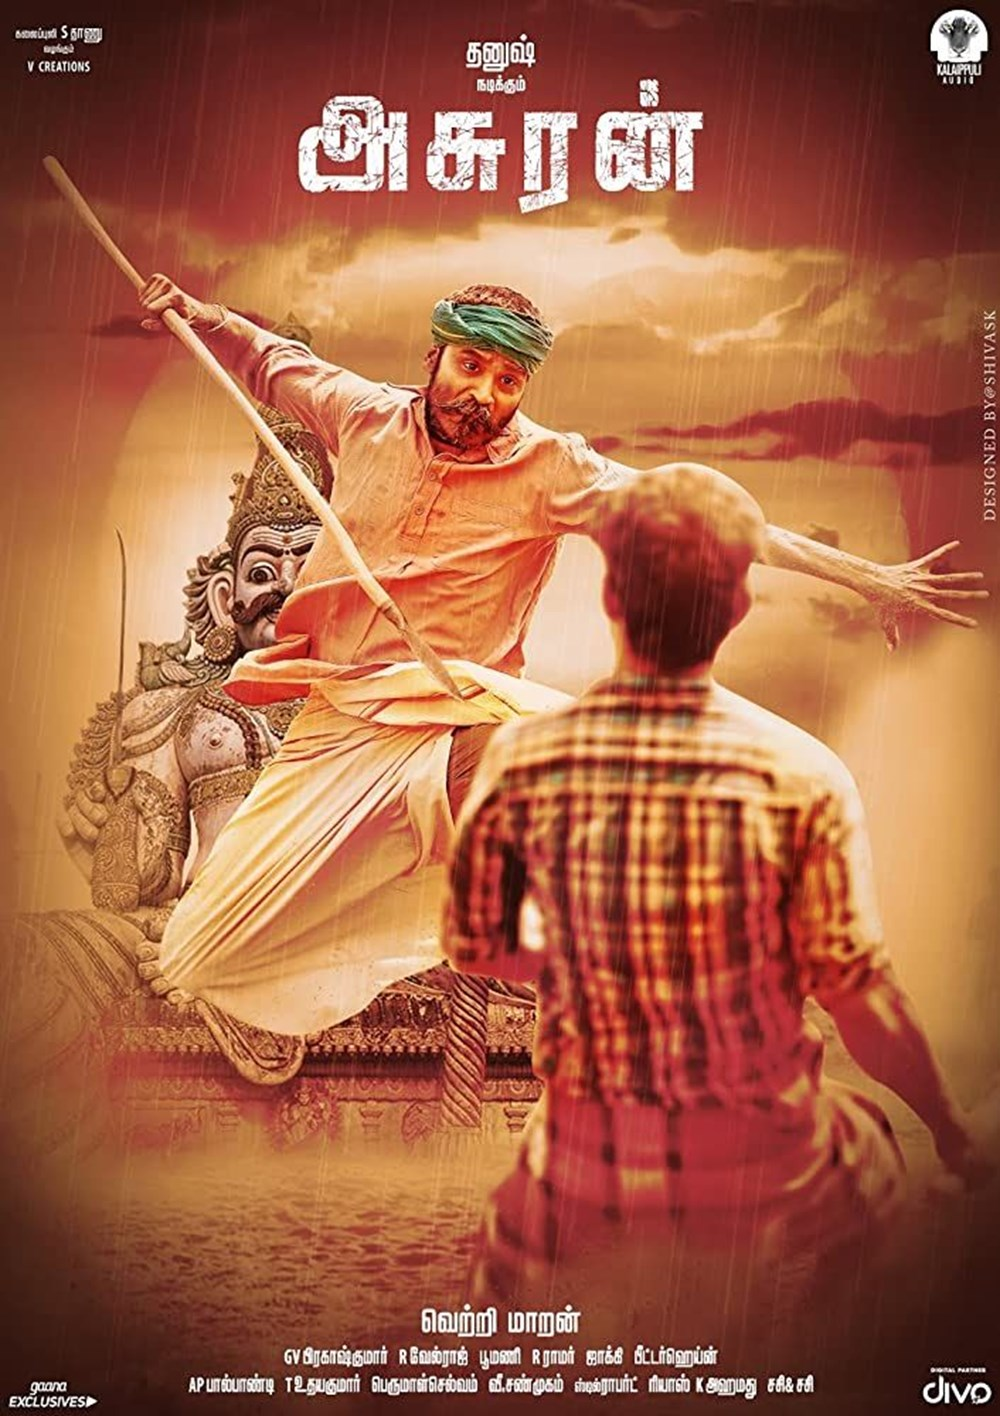 En iyi Hint filmleri - IMDb verileri (Bollywood sineması) - 29